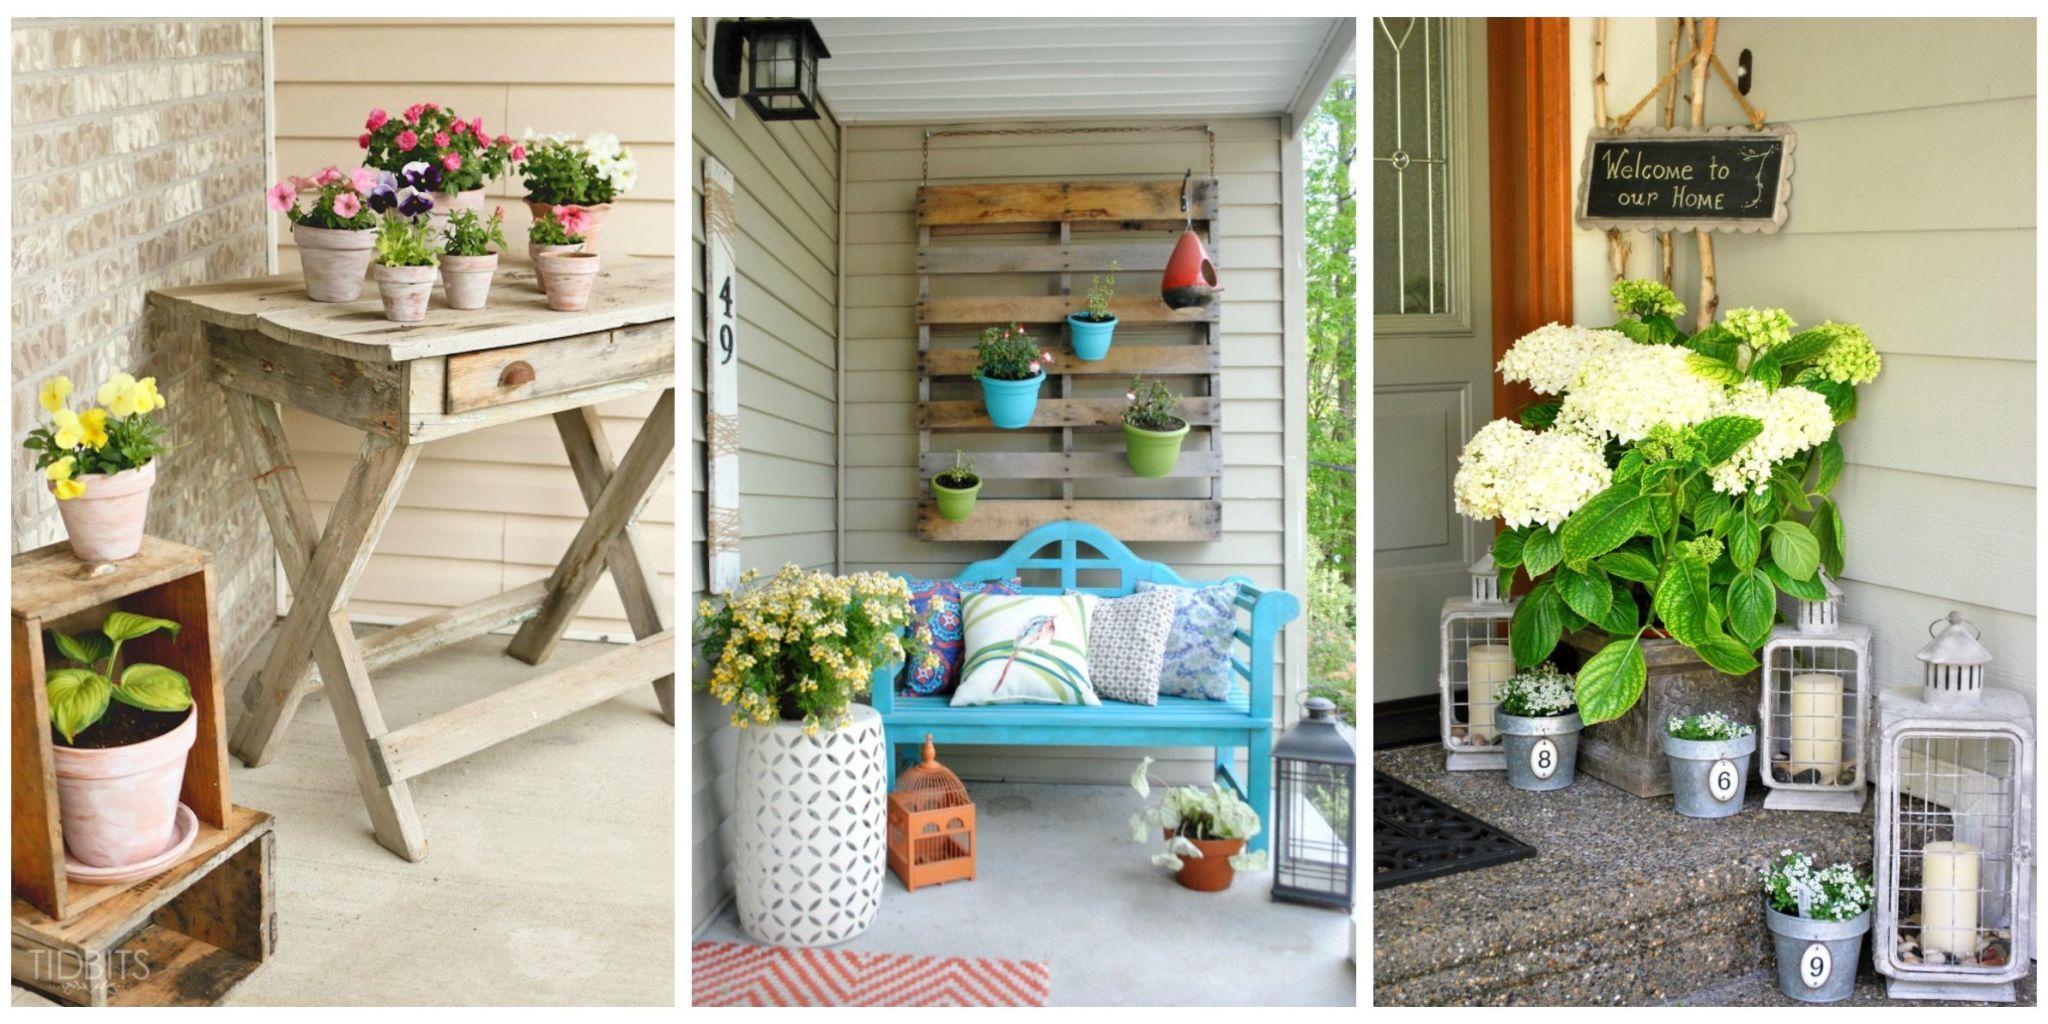 Porch decor pictures